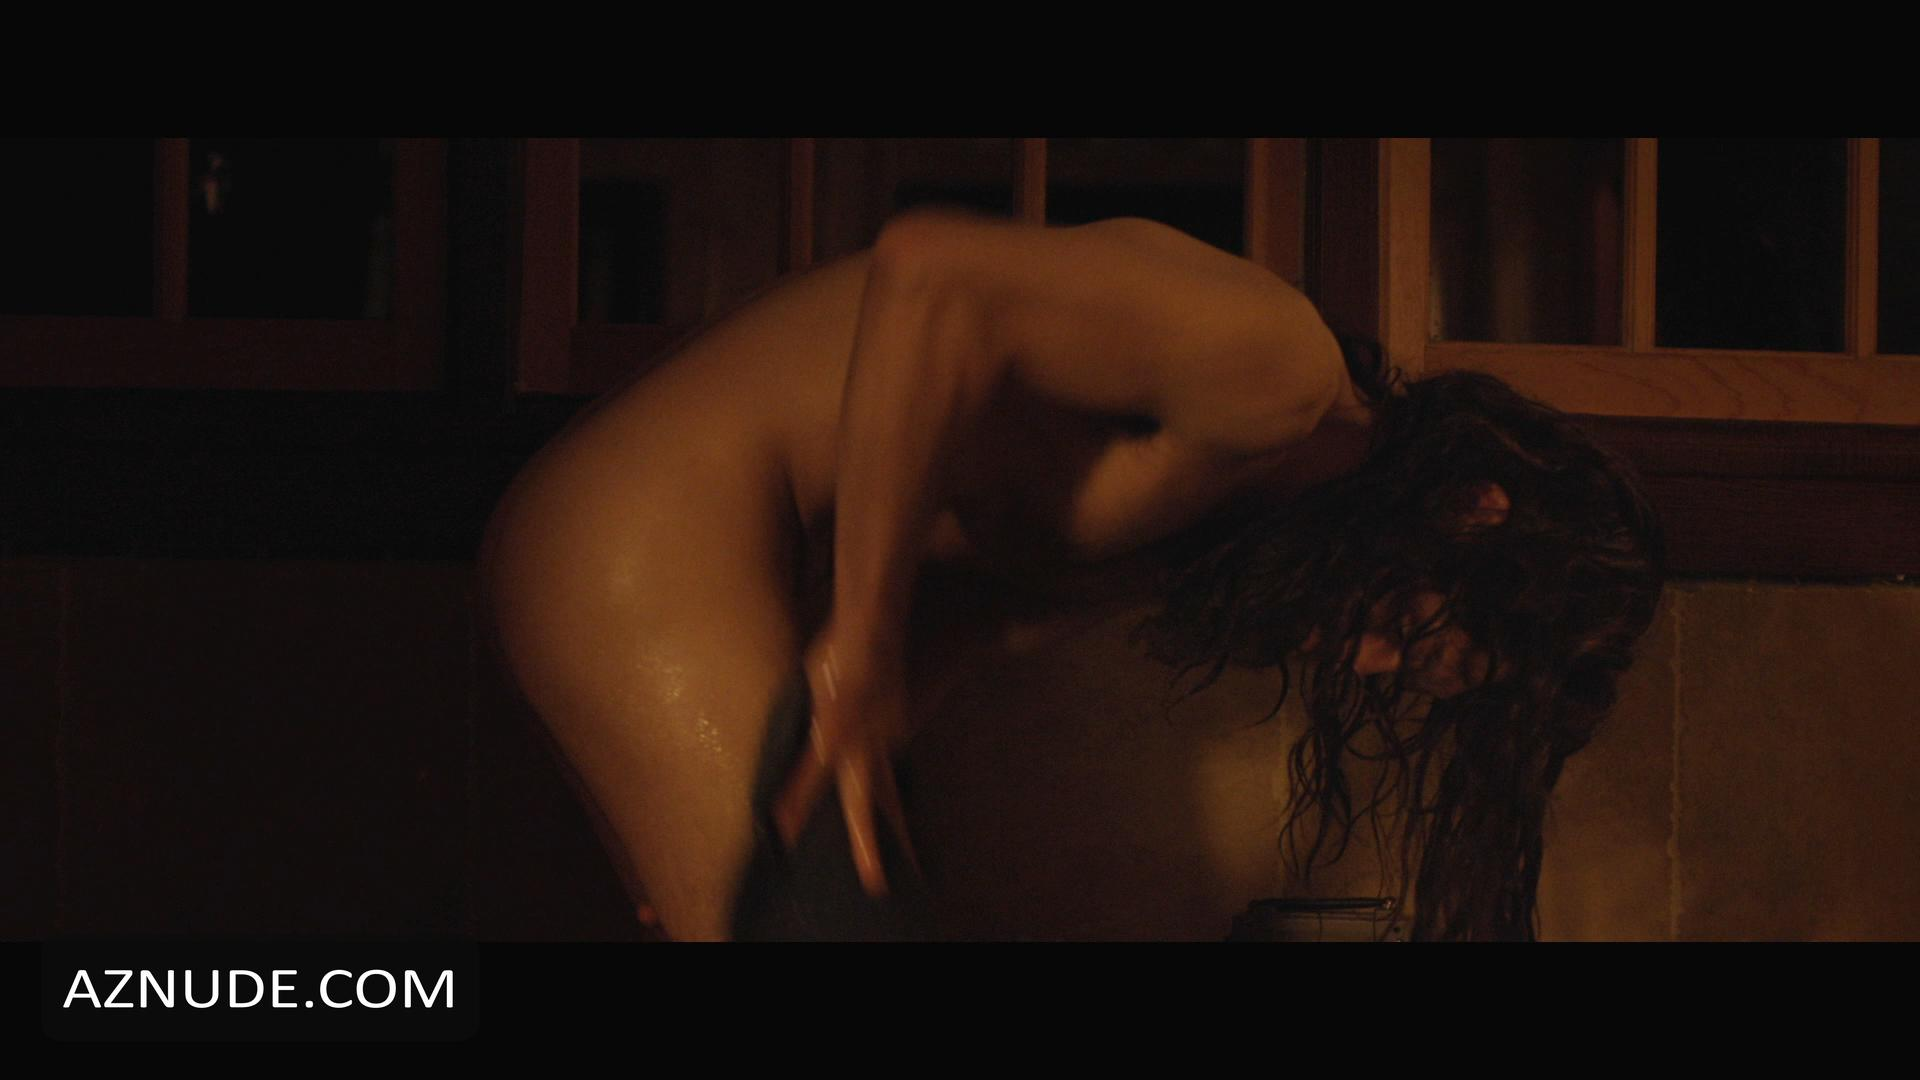 Conception intercourse position purpose sexual